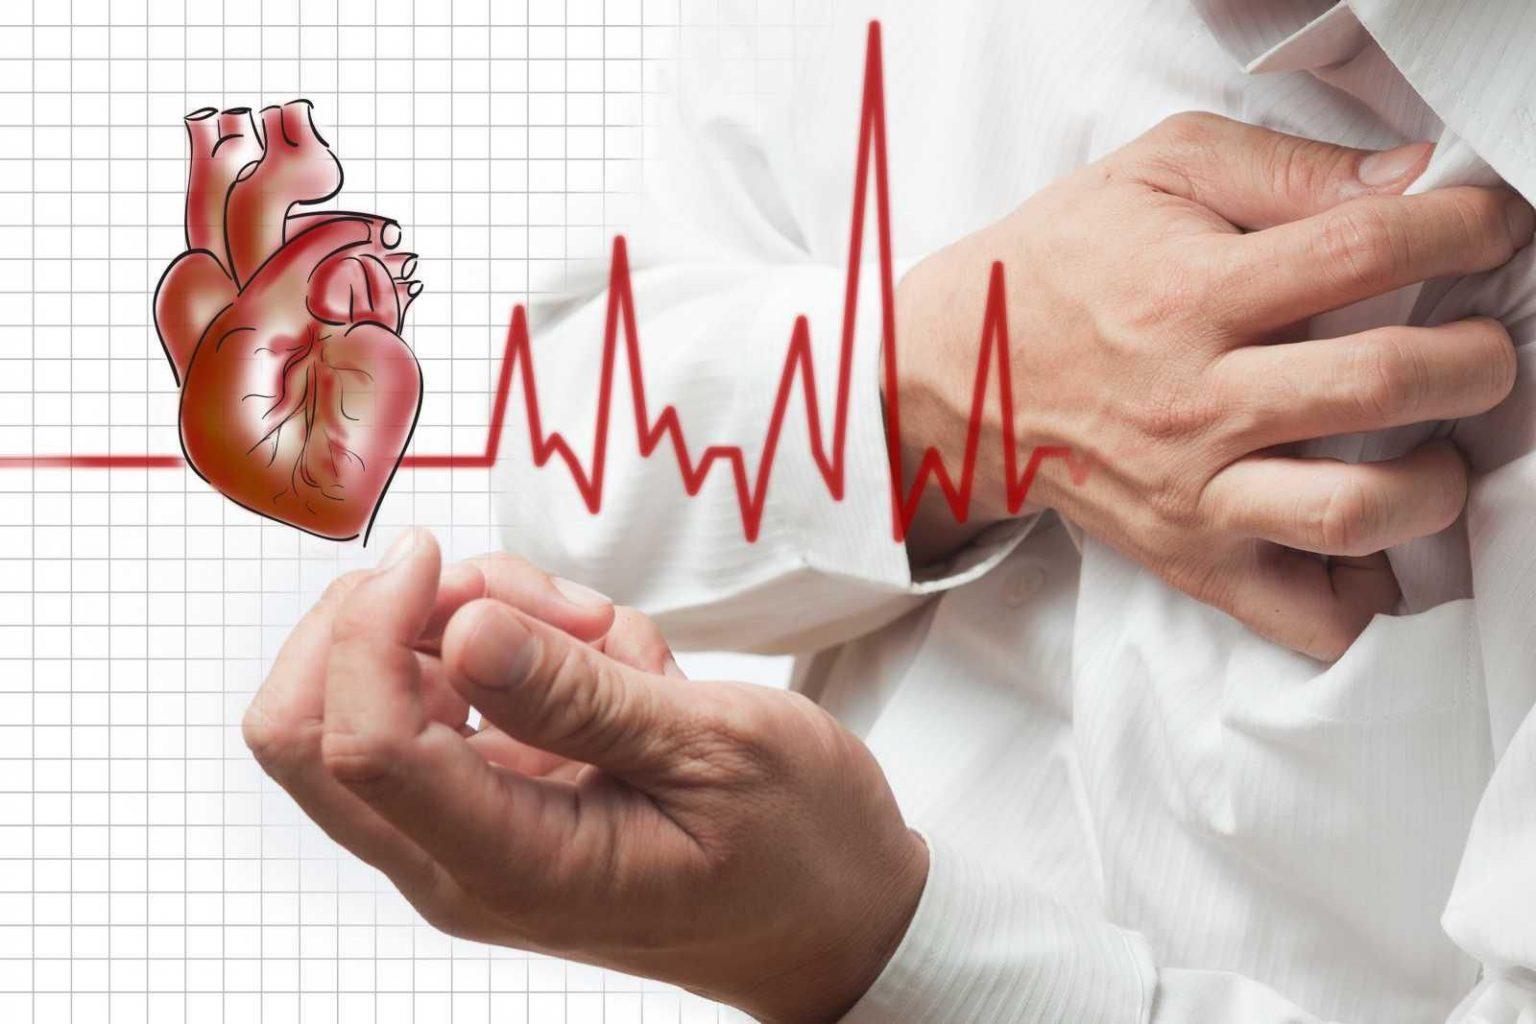 Кардиология: инфаркт, инсульт и другие проблемы с сердцем